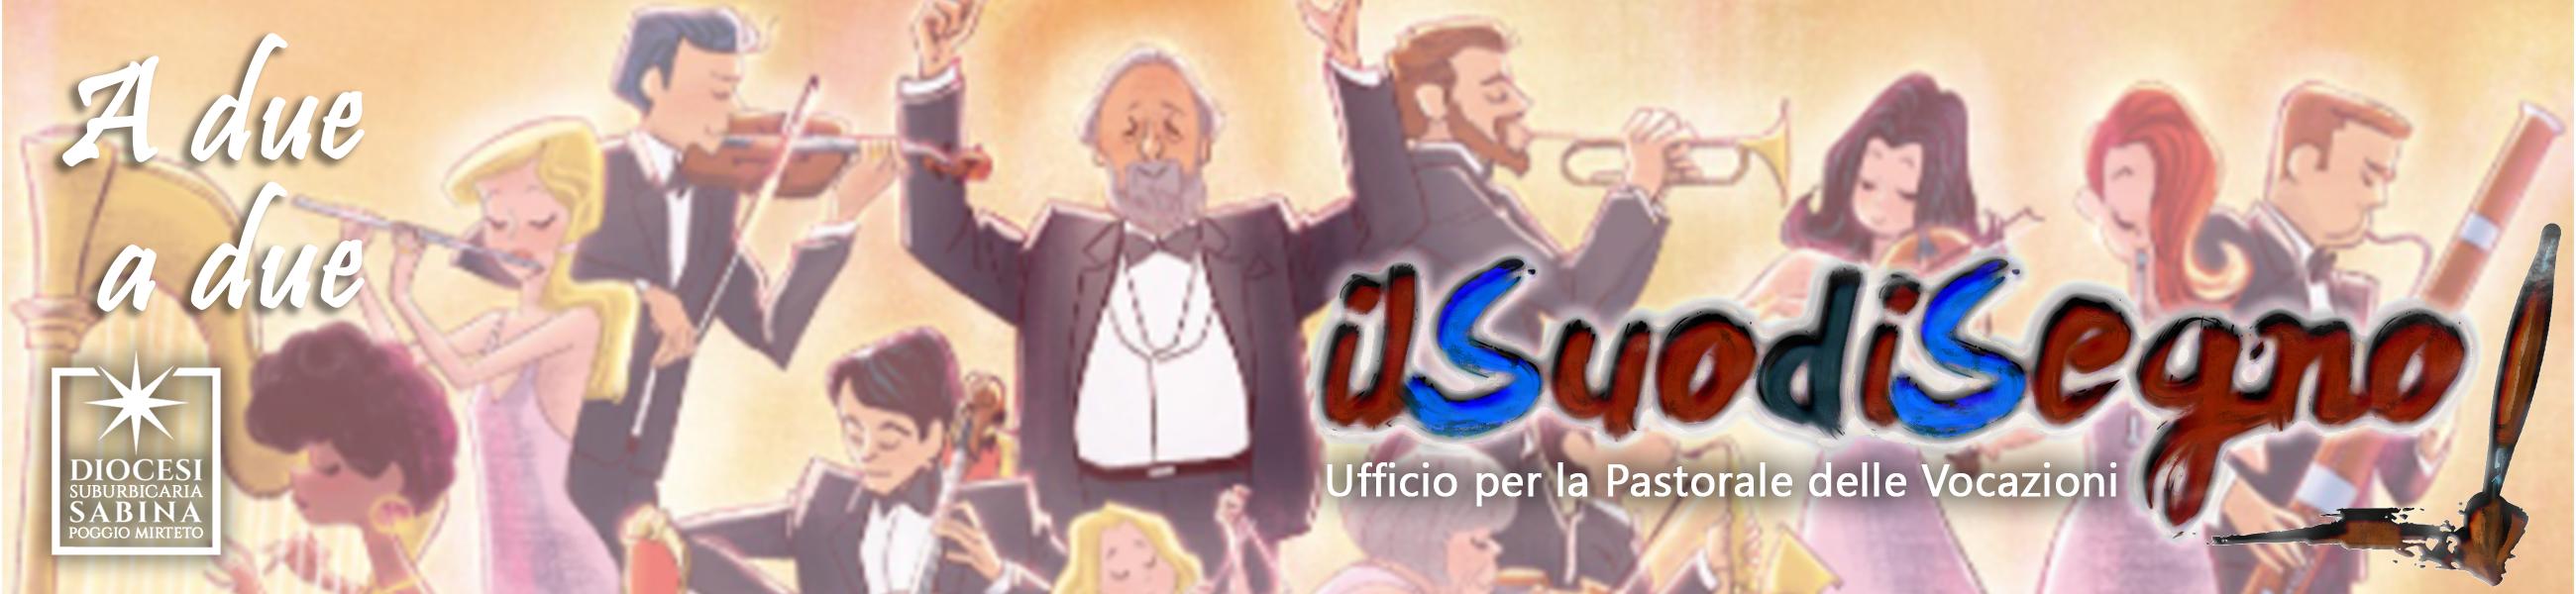 ilSuodiSegno